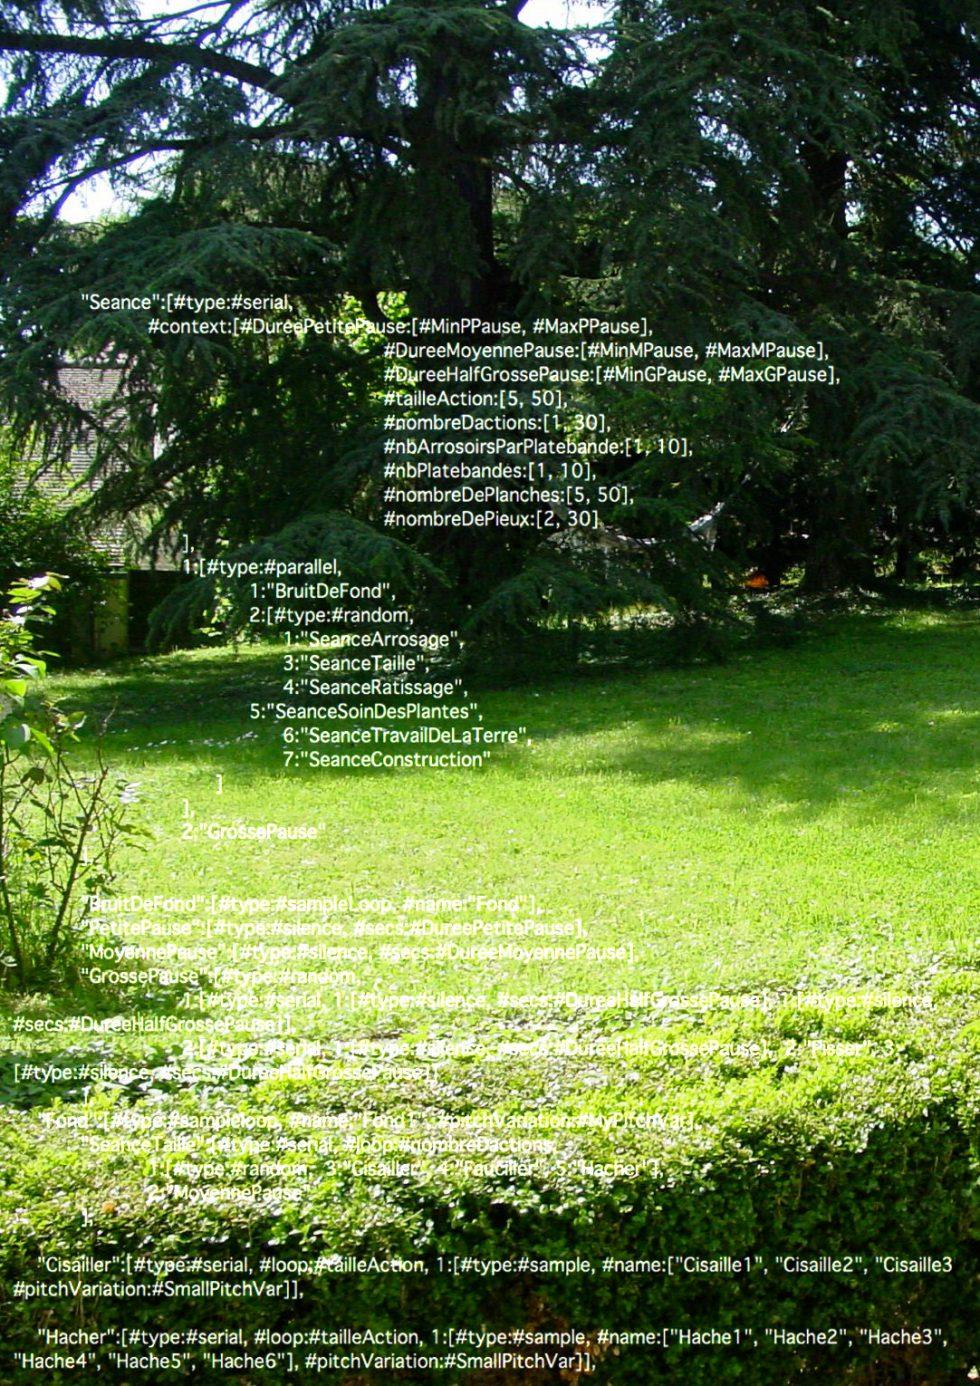 jardiniermontage